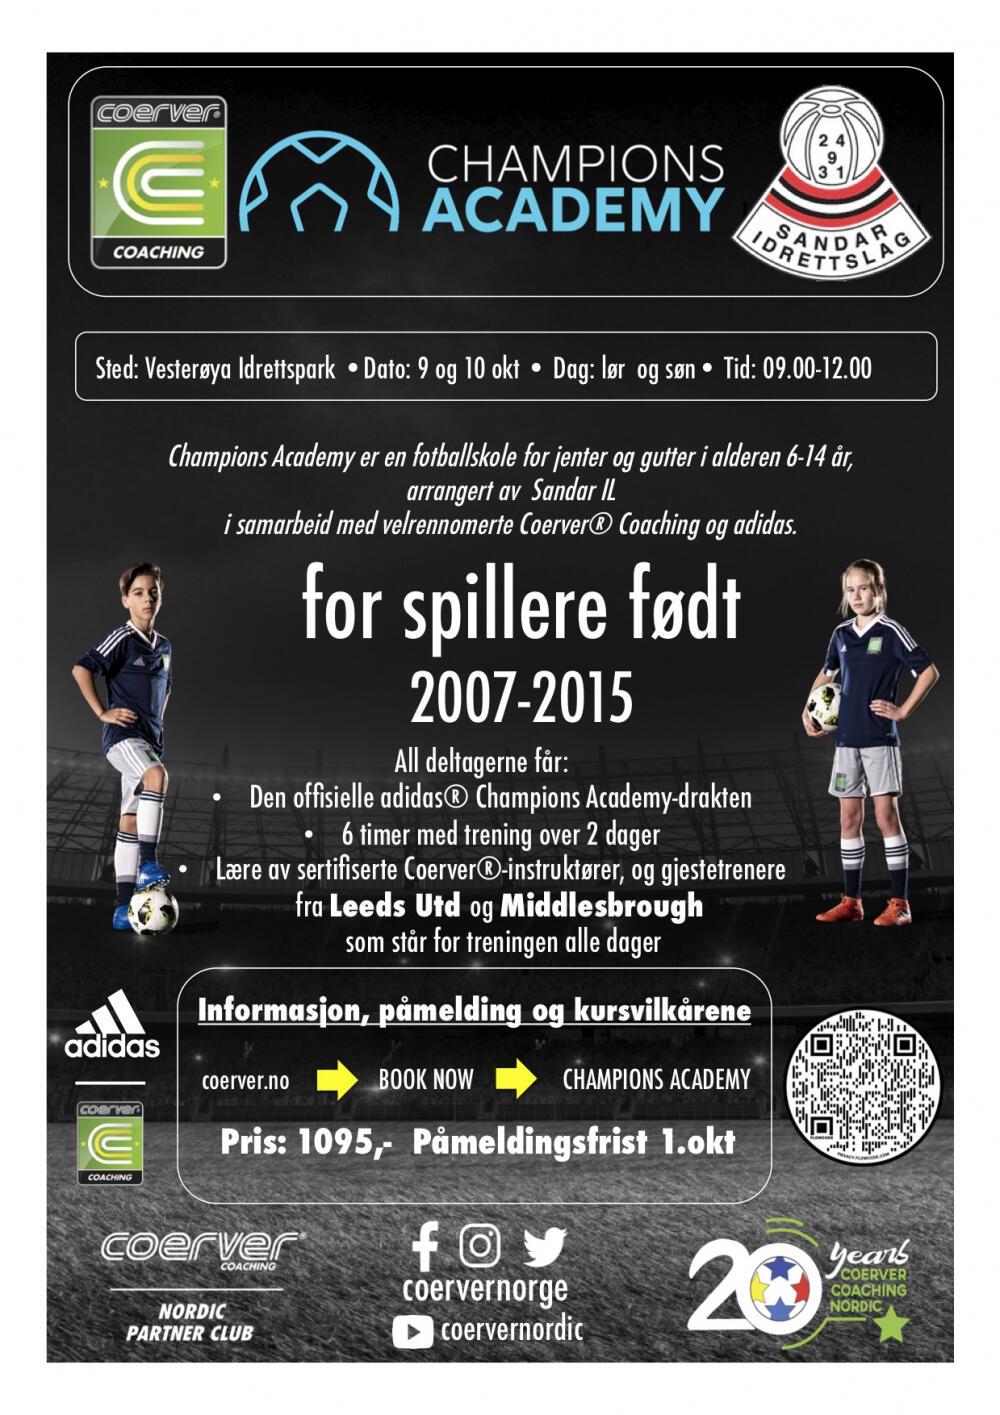 coerver fotballskole Vesterøya idrettspark